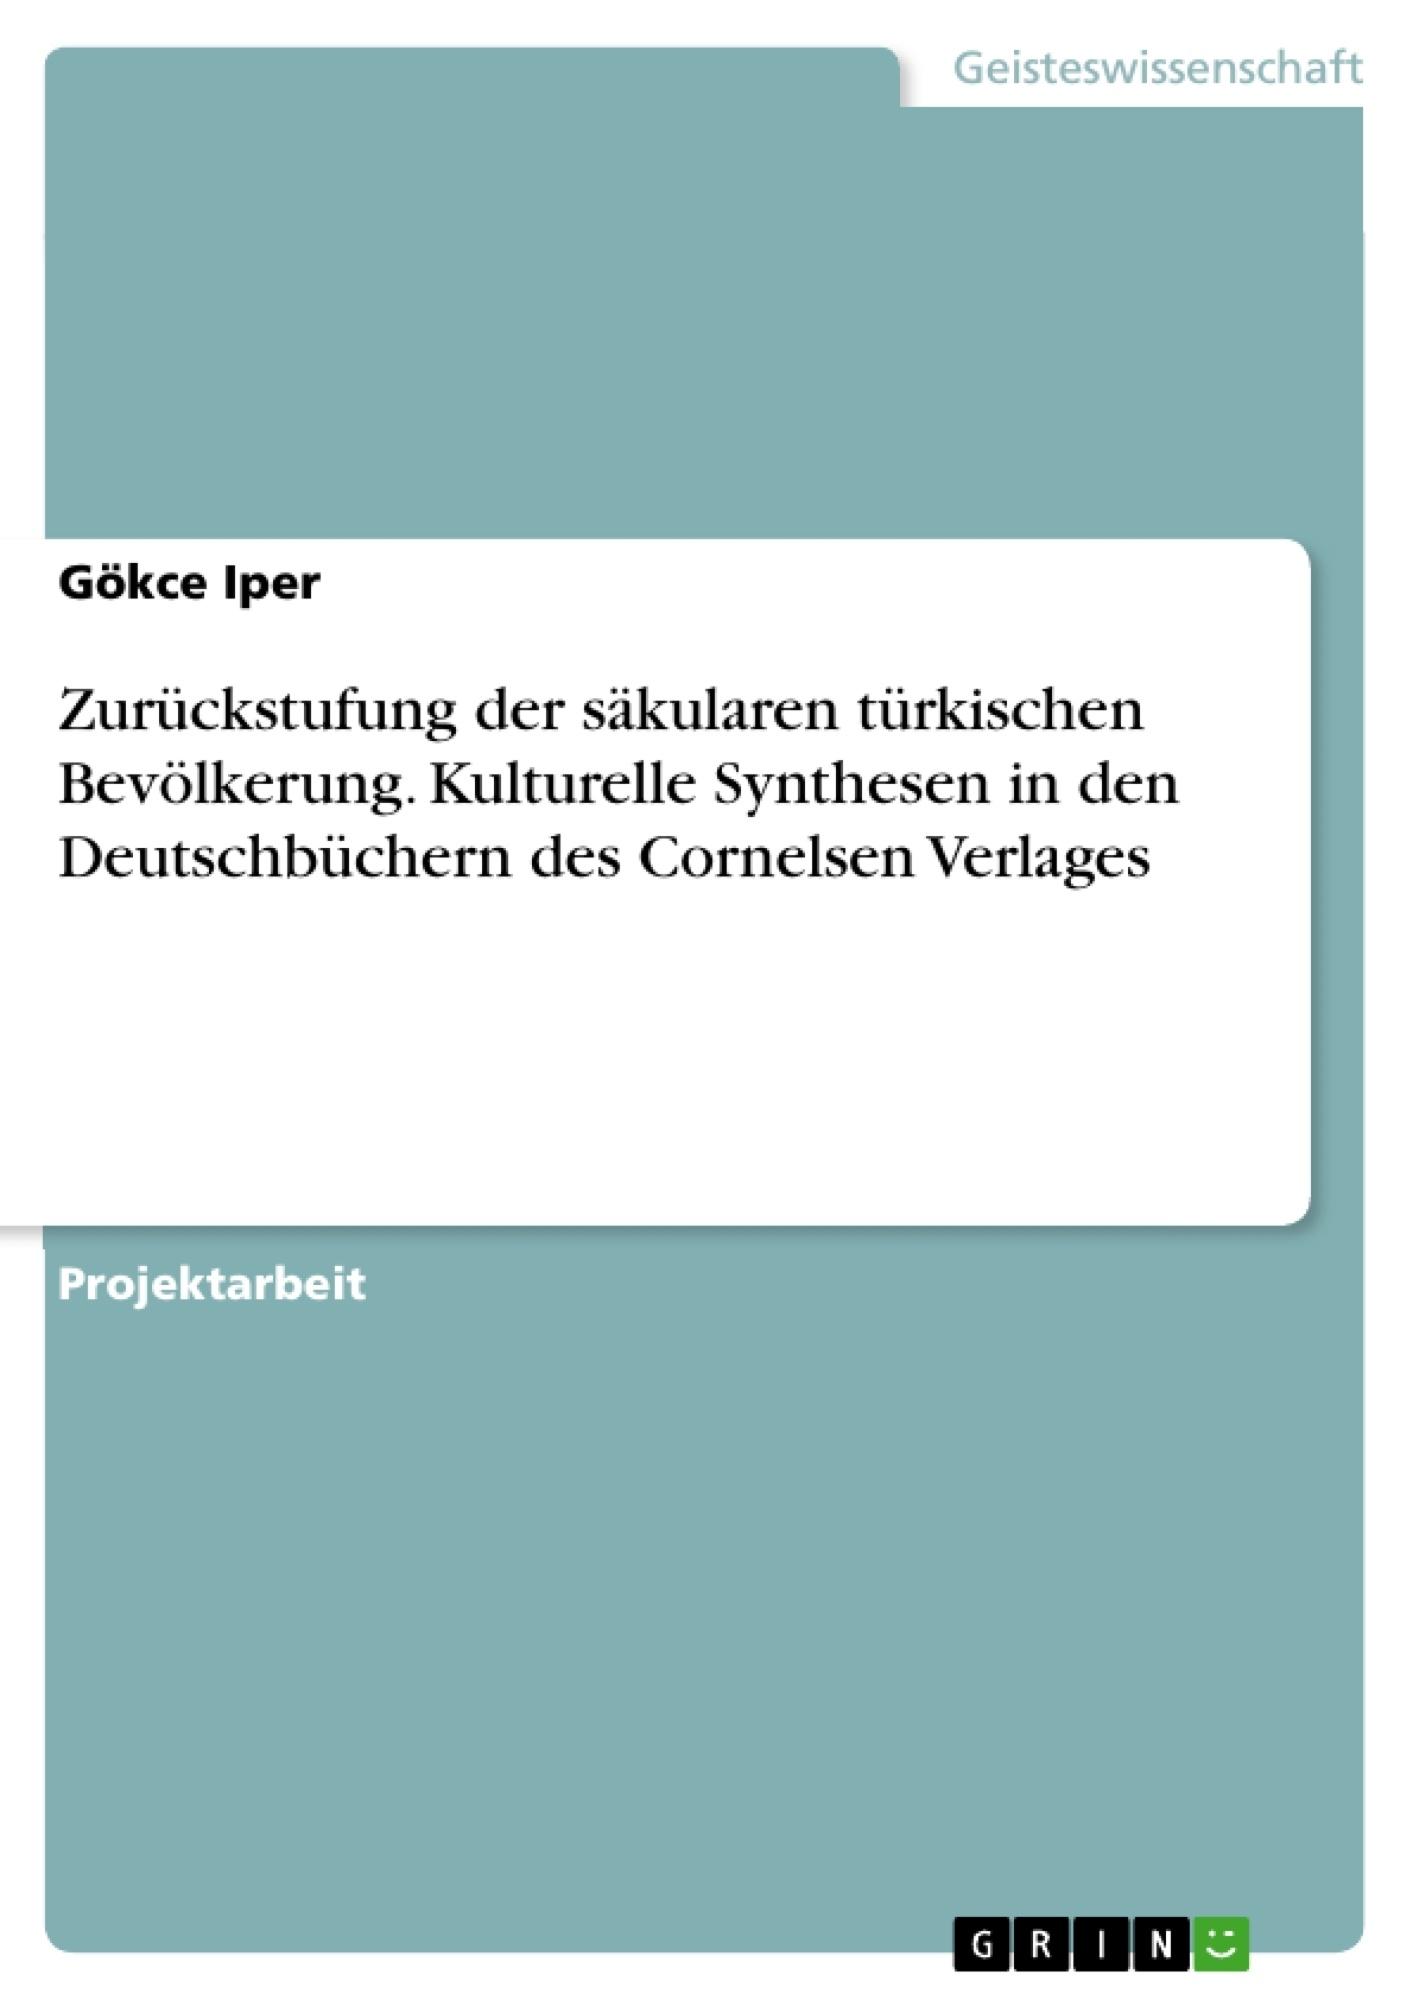 Titel: Zurückstufung der säkularen türkischen Bevölkerung. Kulturelle Synthesen in den Deutschbüchern des Cornelsen Verlages